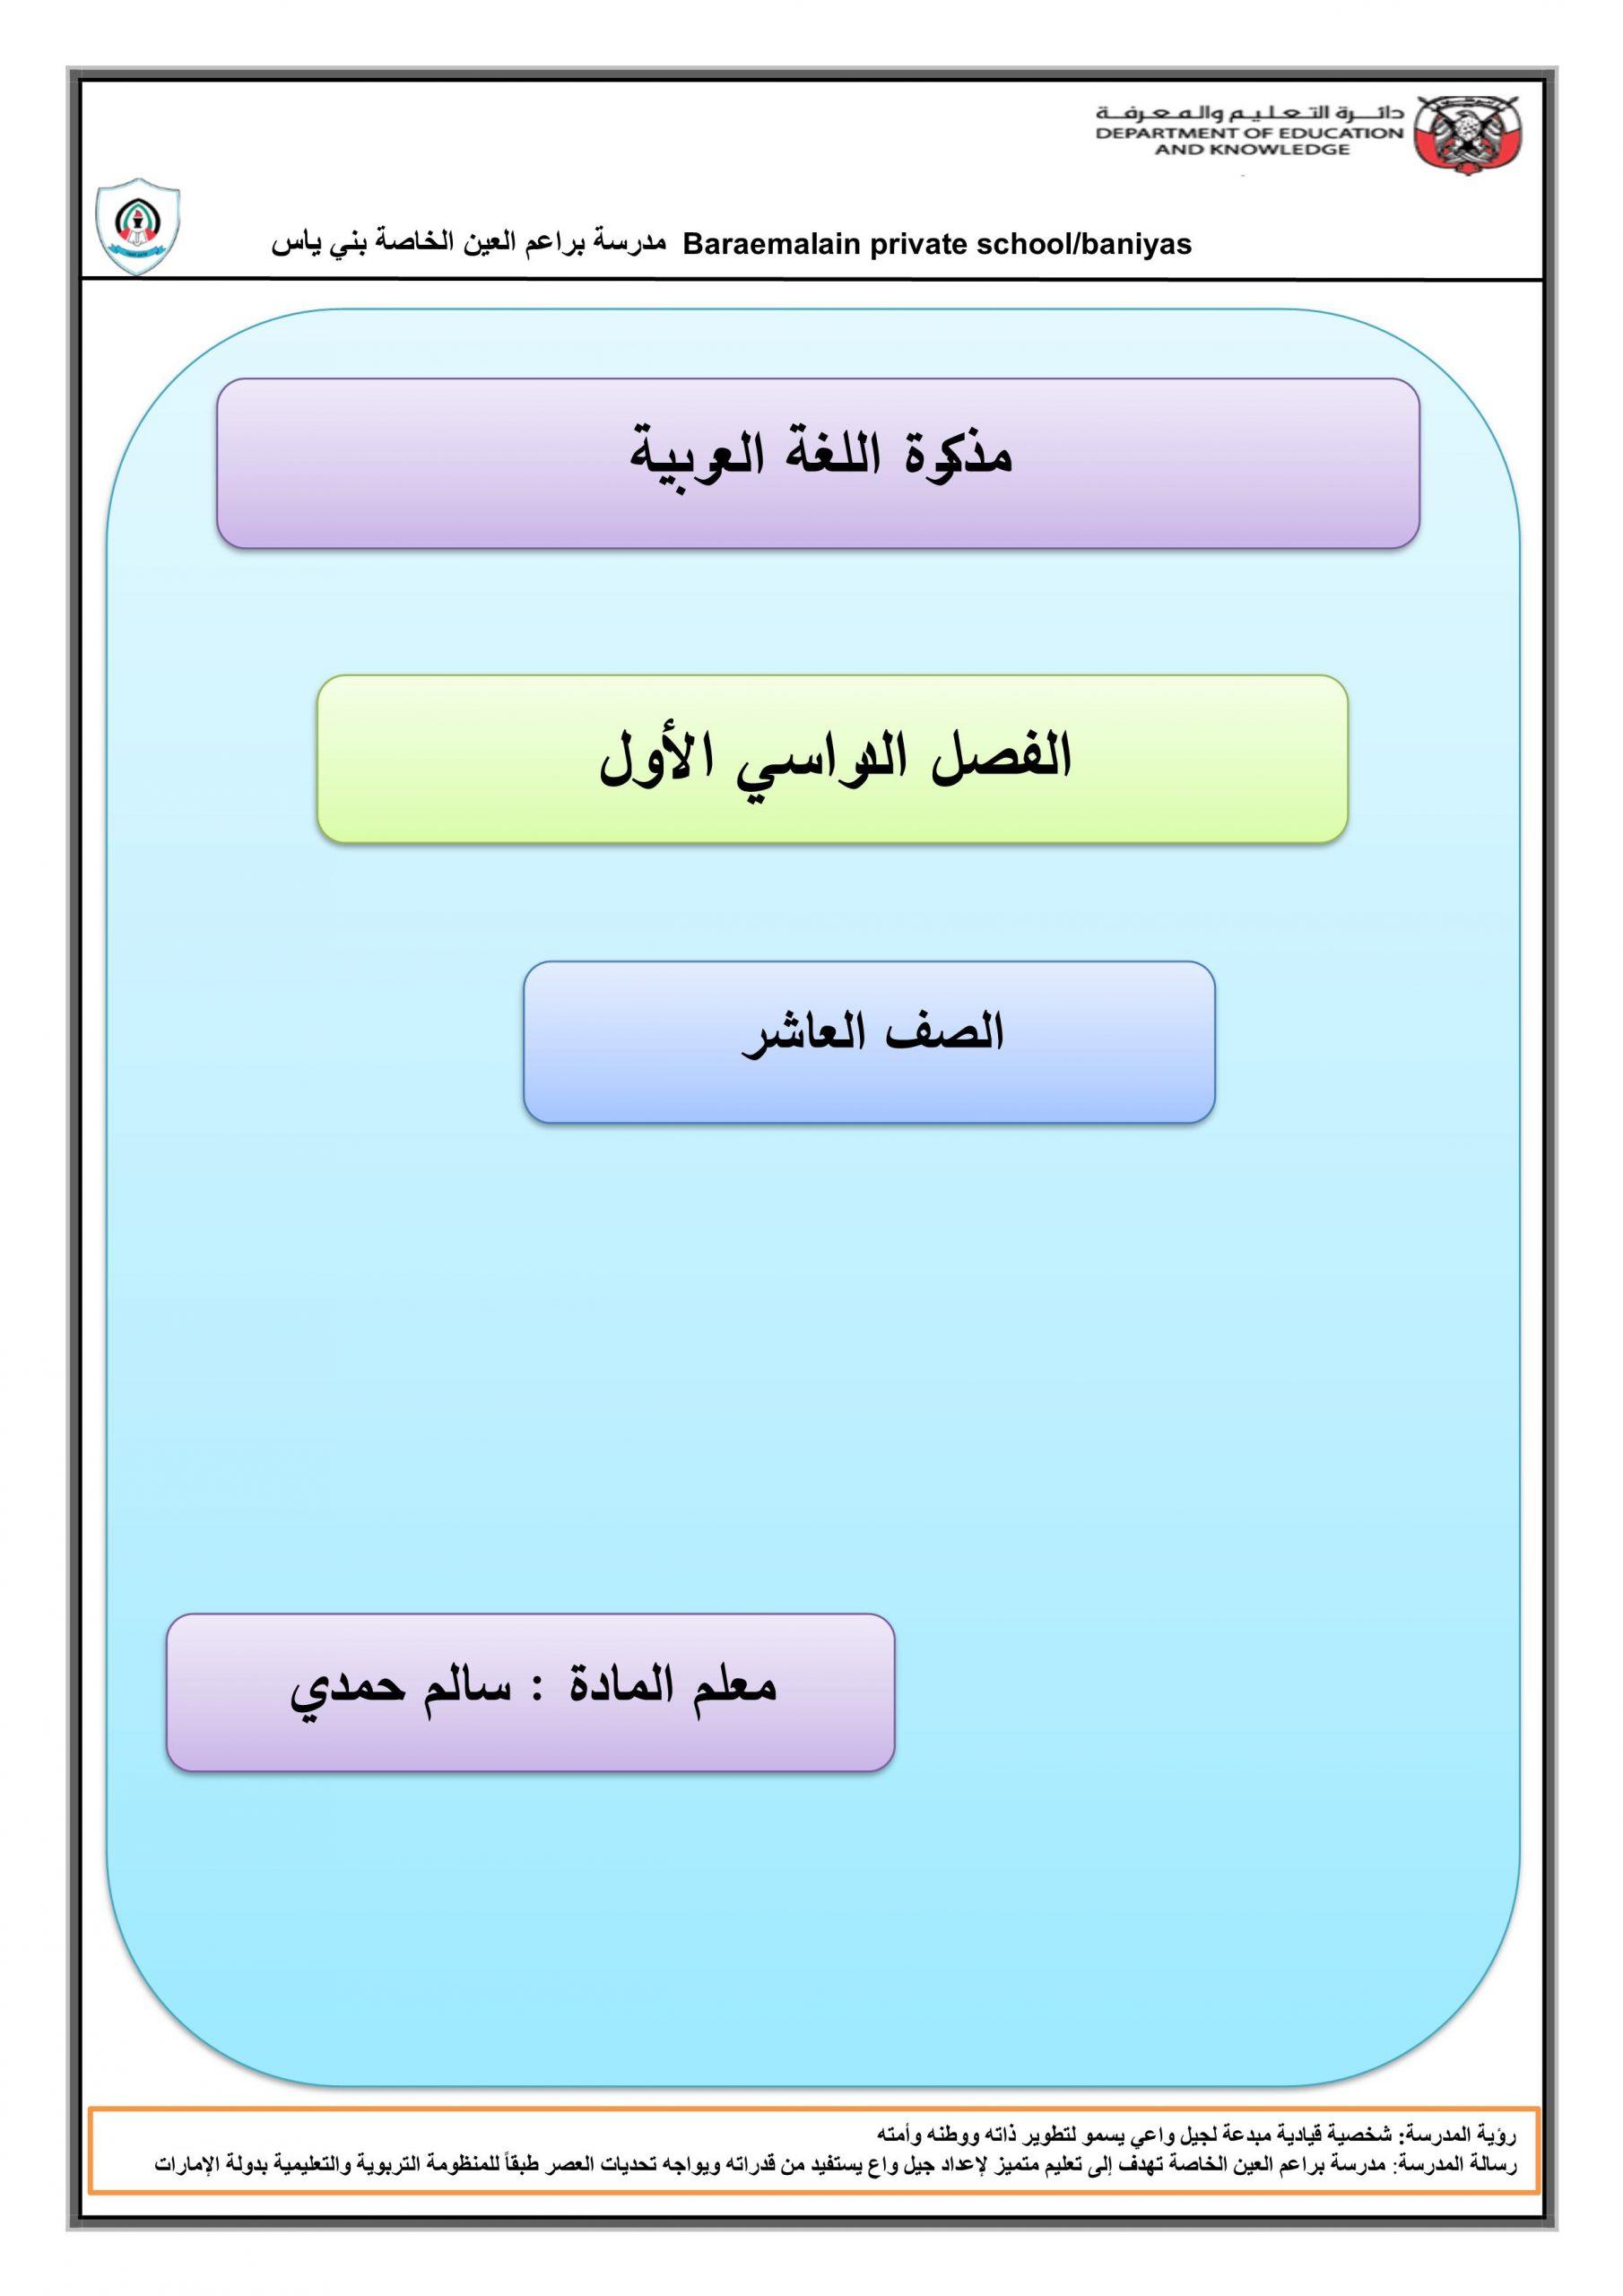 اوراق عمل مذكرة الفصل الدراسي الاول الصف العاشر مادة اللغة العربية